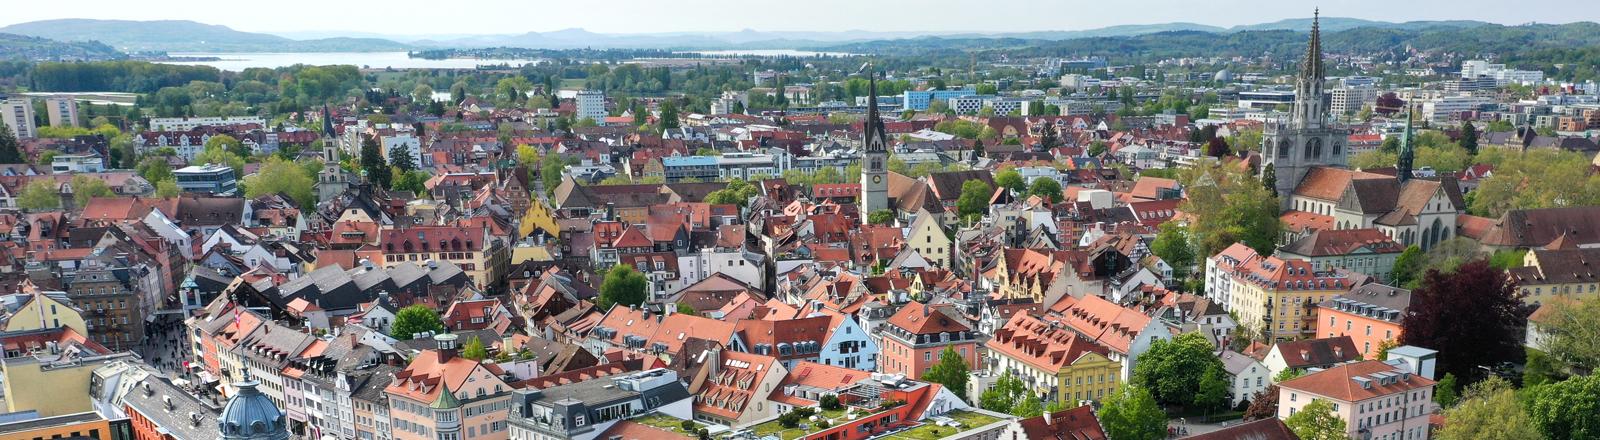 Stadtansicht Konstanz.